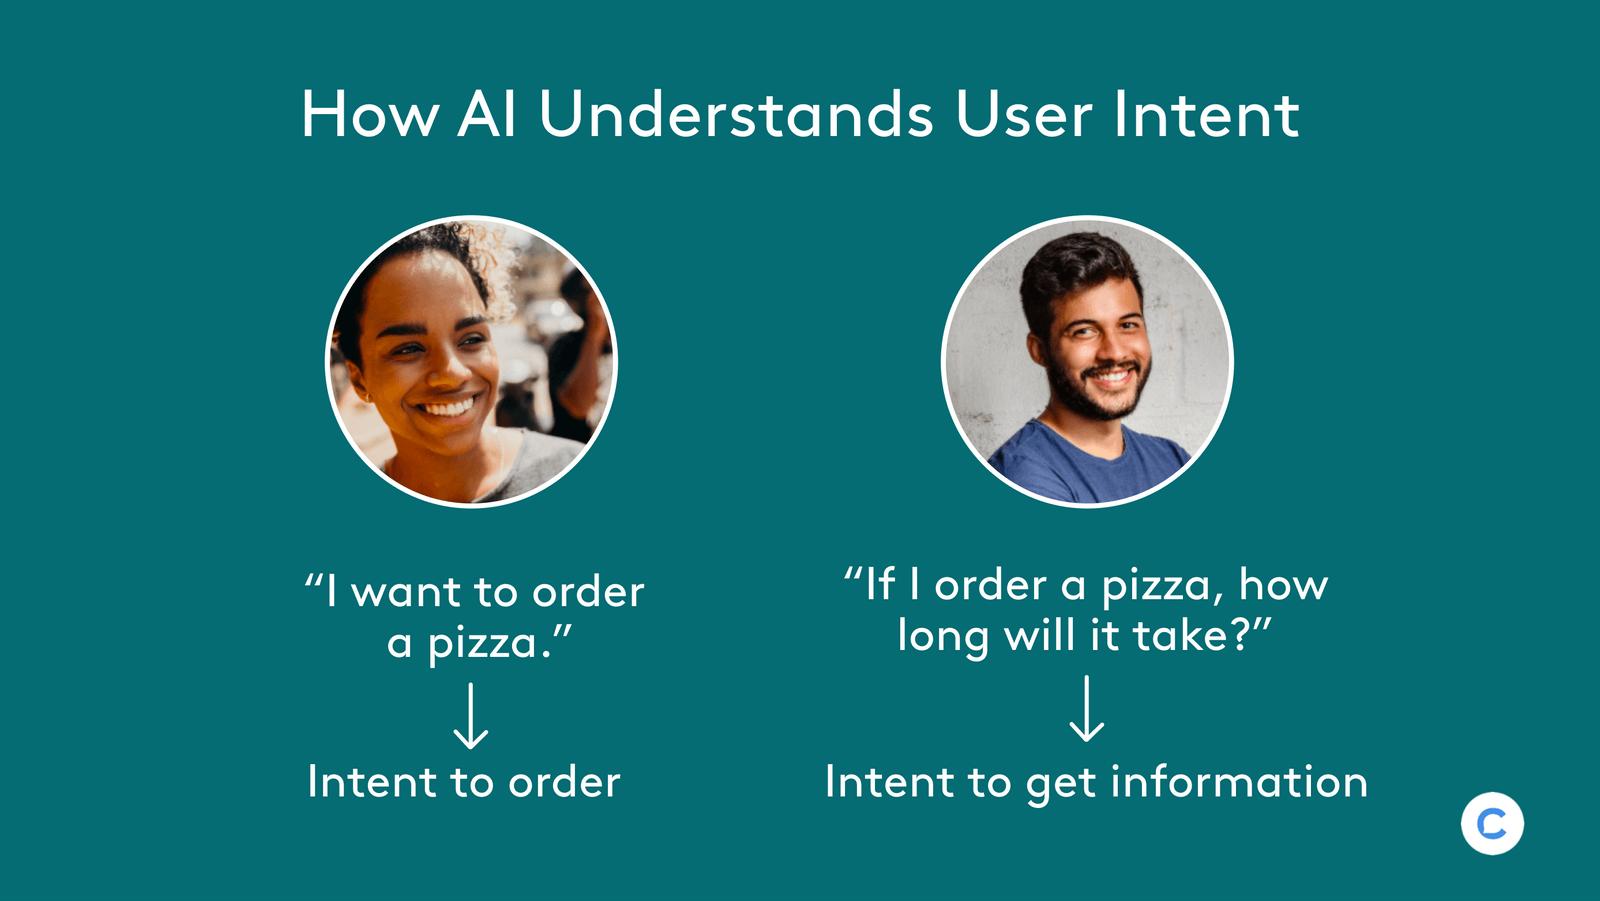 AI_chatbot-understanding_user_intent